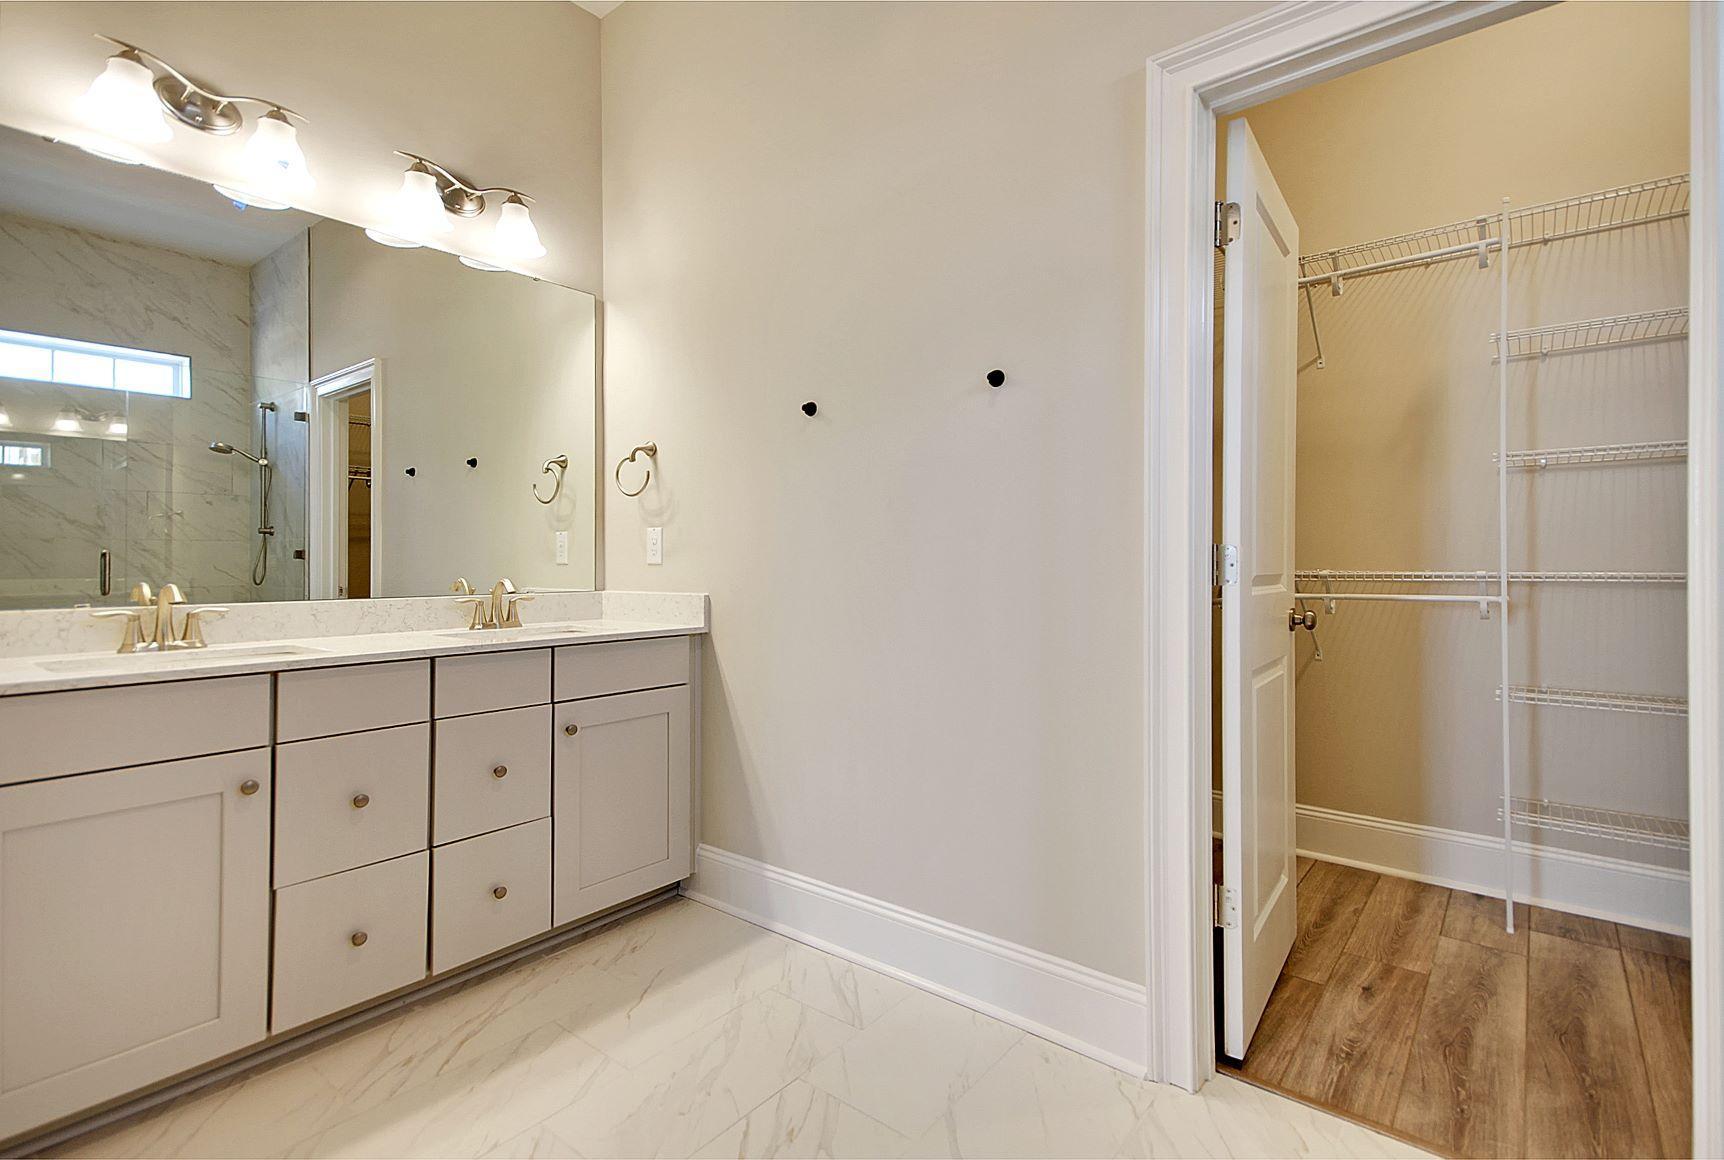 Kings Flats Homes For Sale - 121 Alder, Charleston, SC - 30